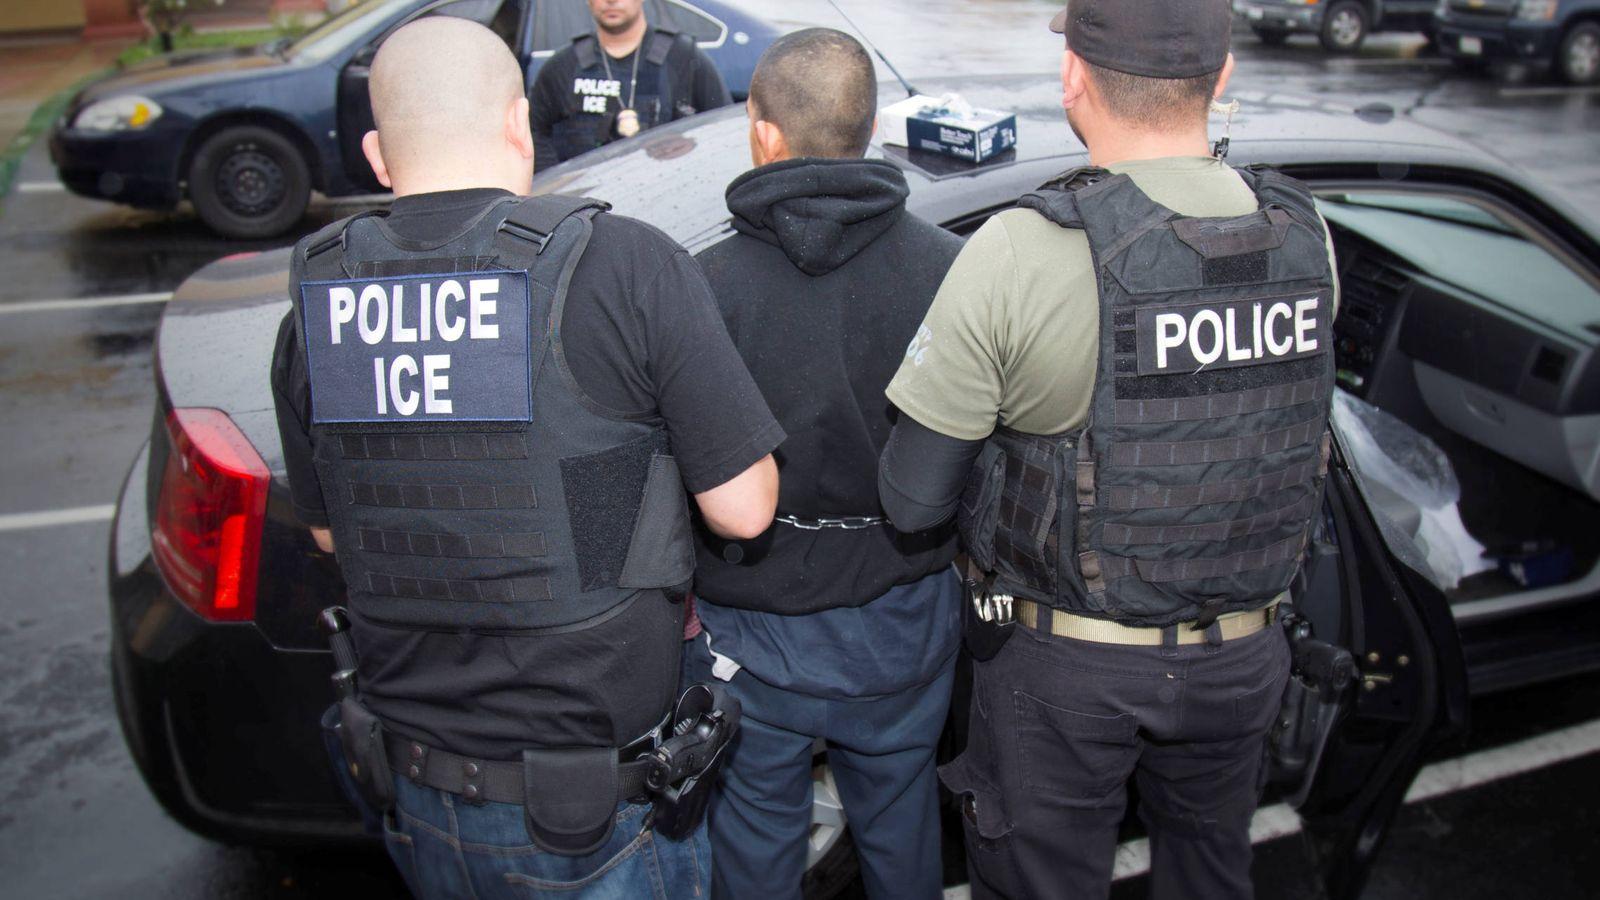 Foto: Agentes de la agencia de política migratoria y aduanera detienen a un sospechoso durante una operación en Los Ángeles, el 7 de febrero de 2017 (Reuters).